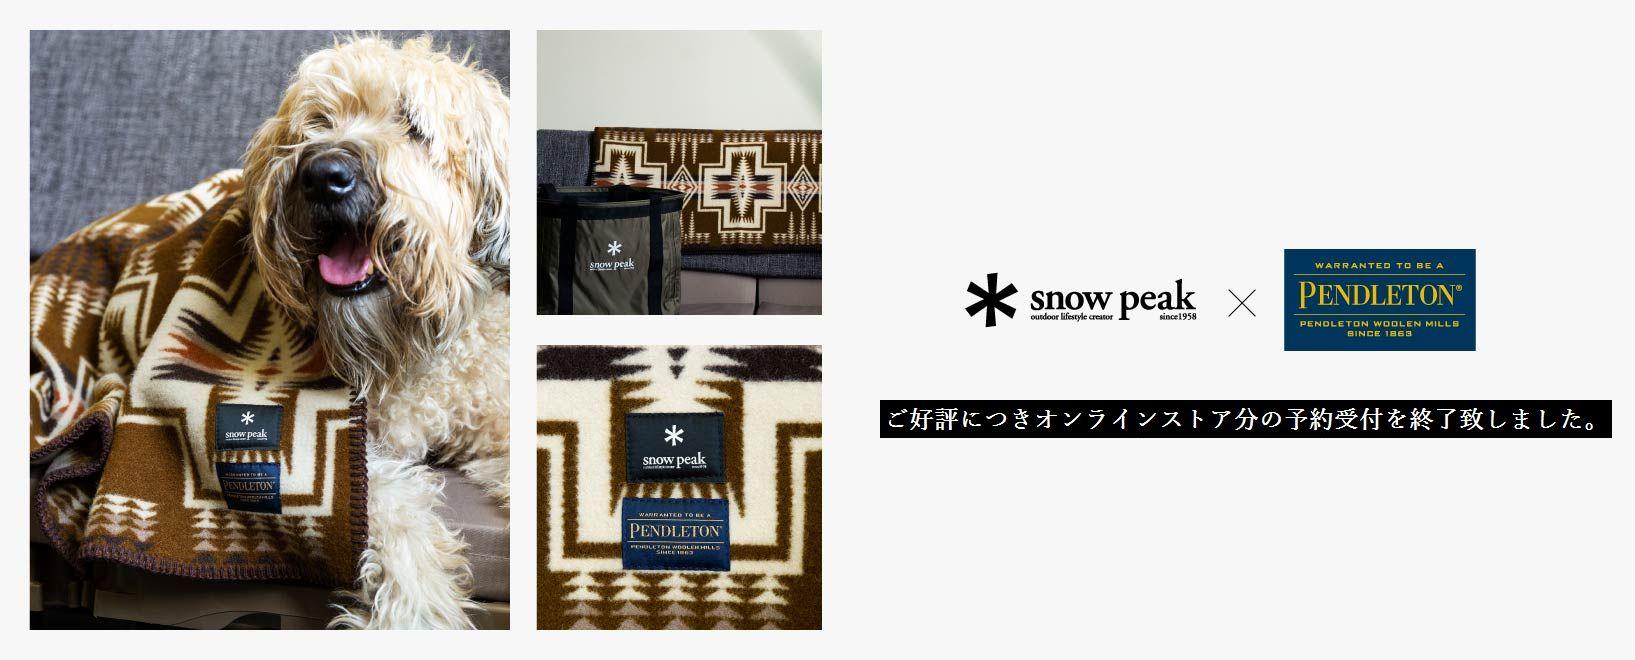 PENDLETON Snowpeak別注